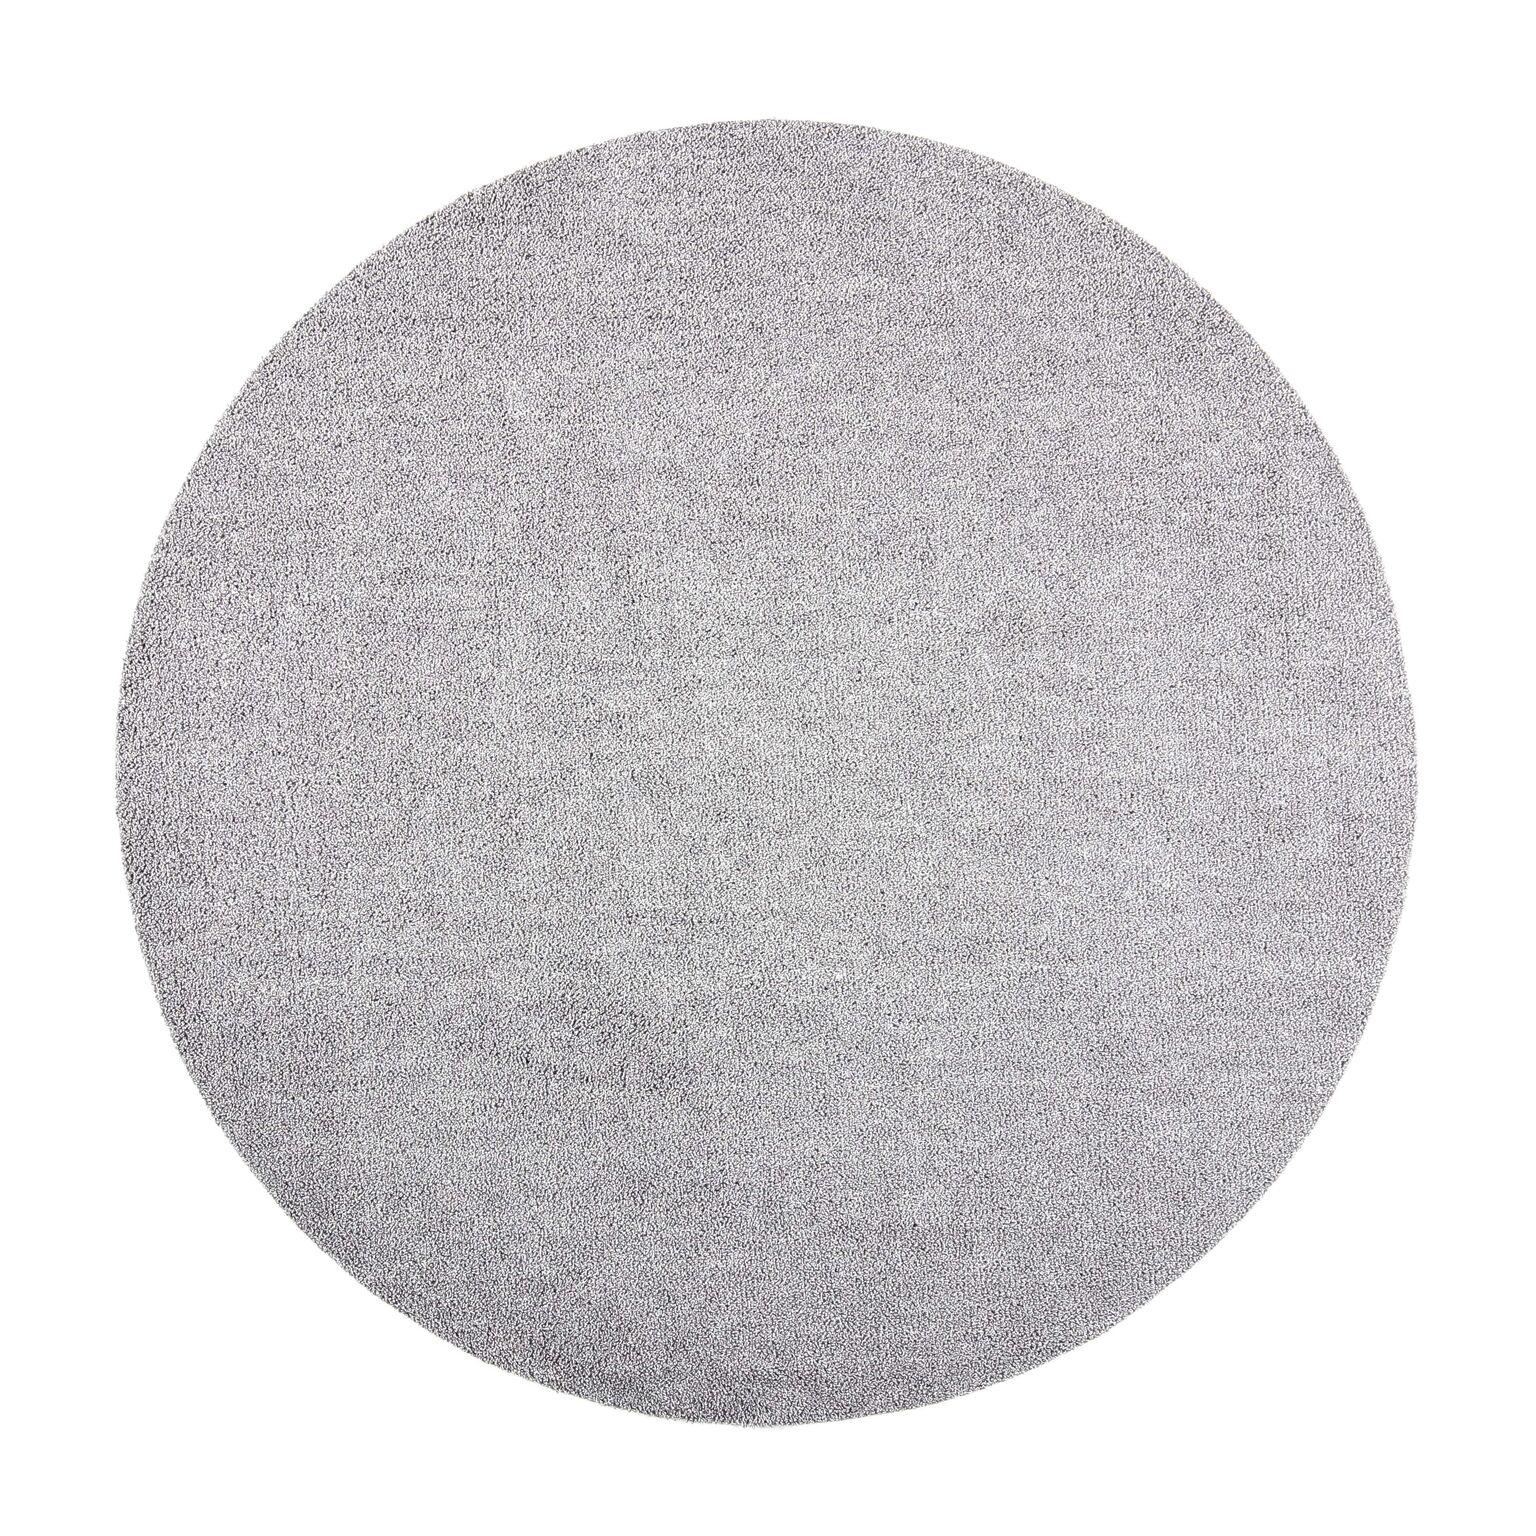 VM Carpet pyöreä Kide matto 175 harmaa